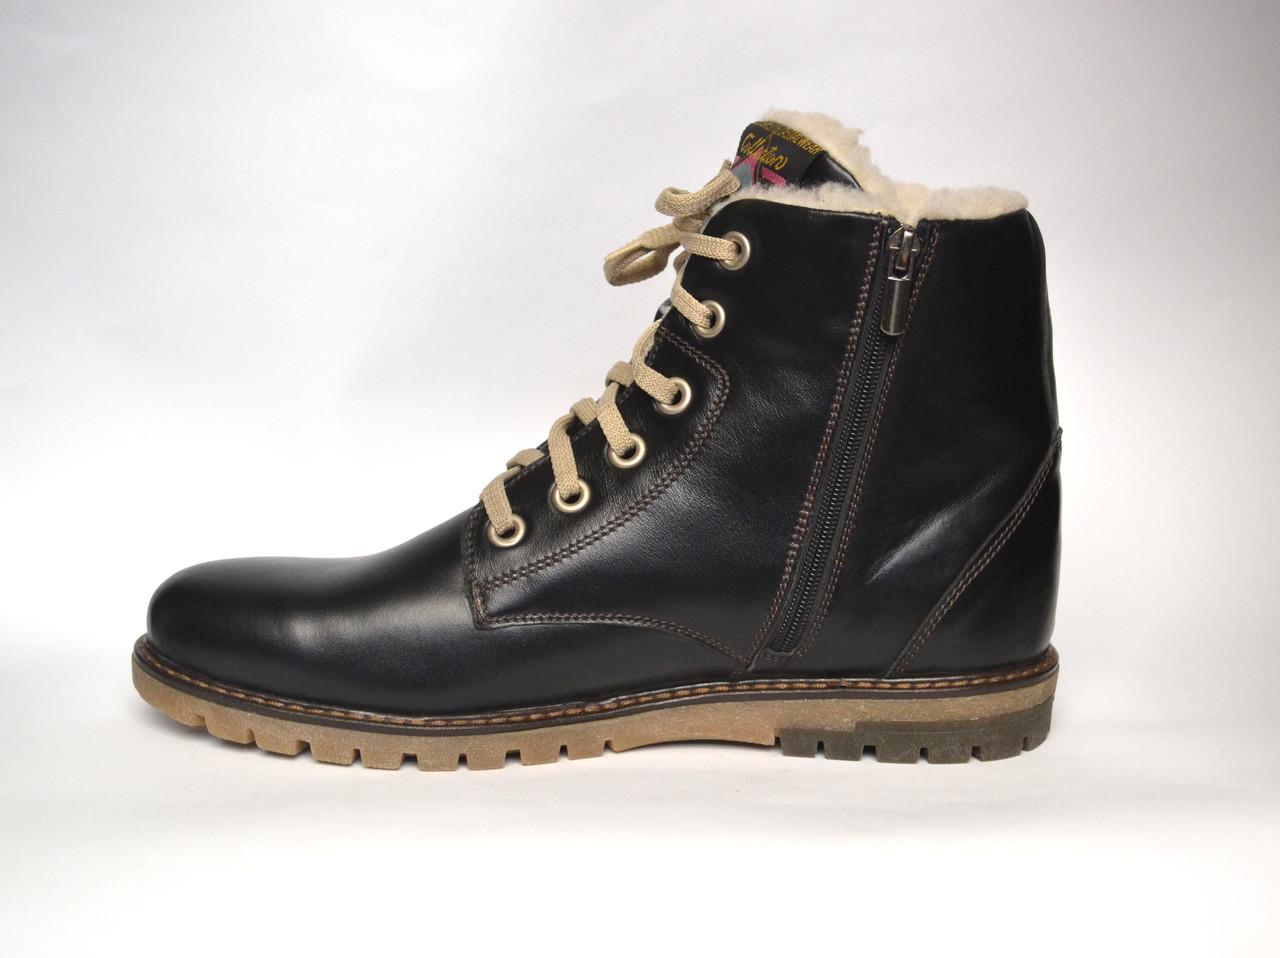 Большой размер Кожаные зимние мужские ботинки Rosso Avangard.BS Whisper Black черные